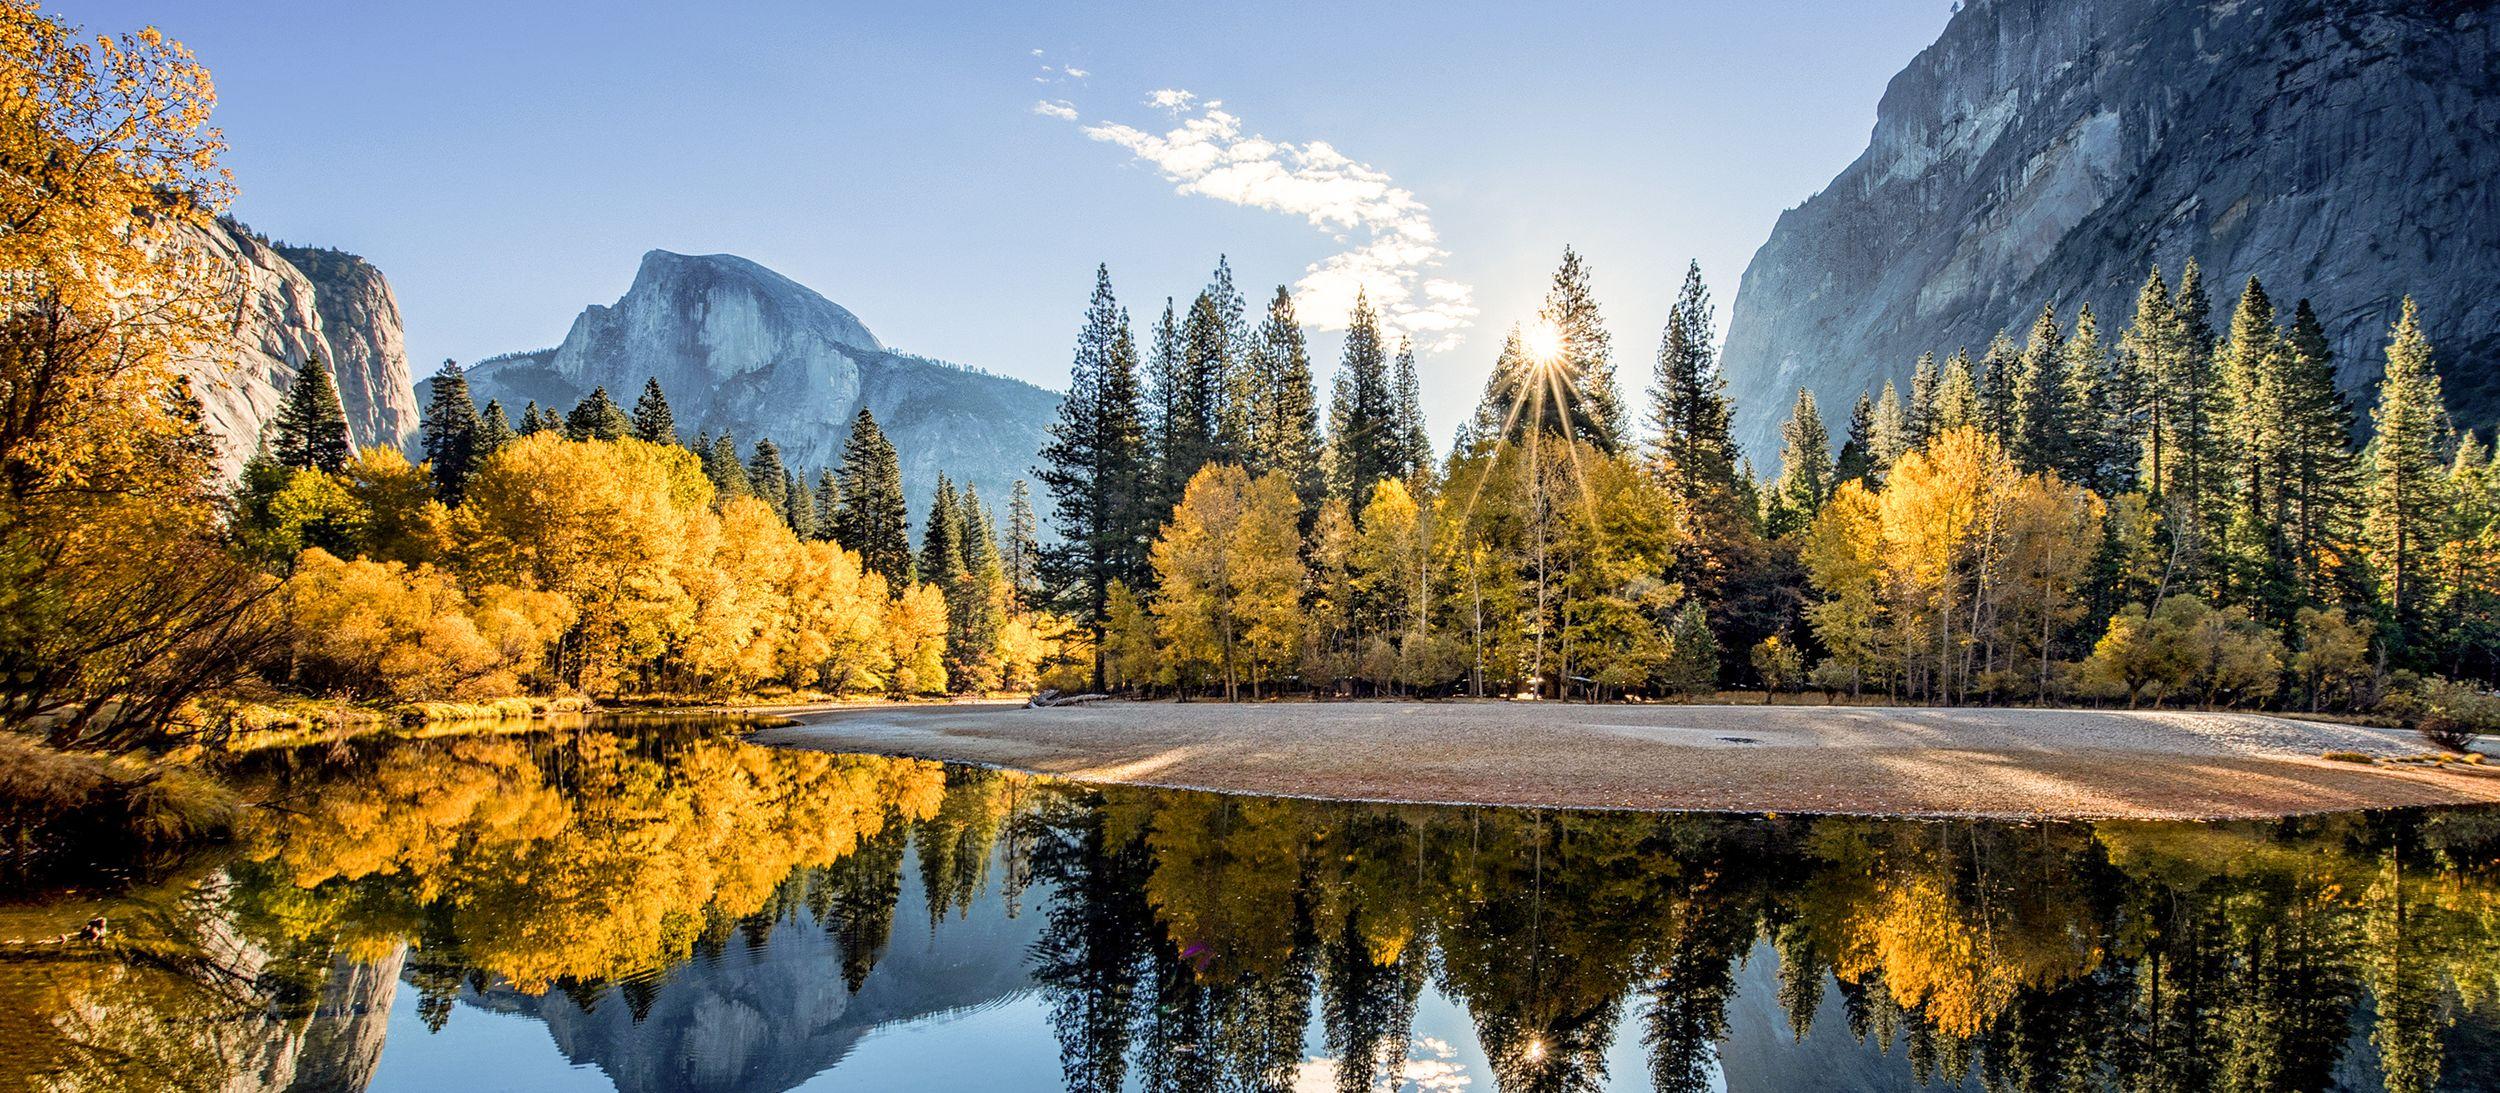 Landschaftseindruck aus dem Yosemite Nationalpark